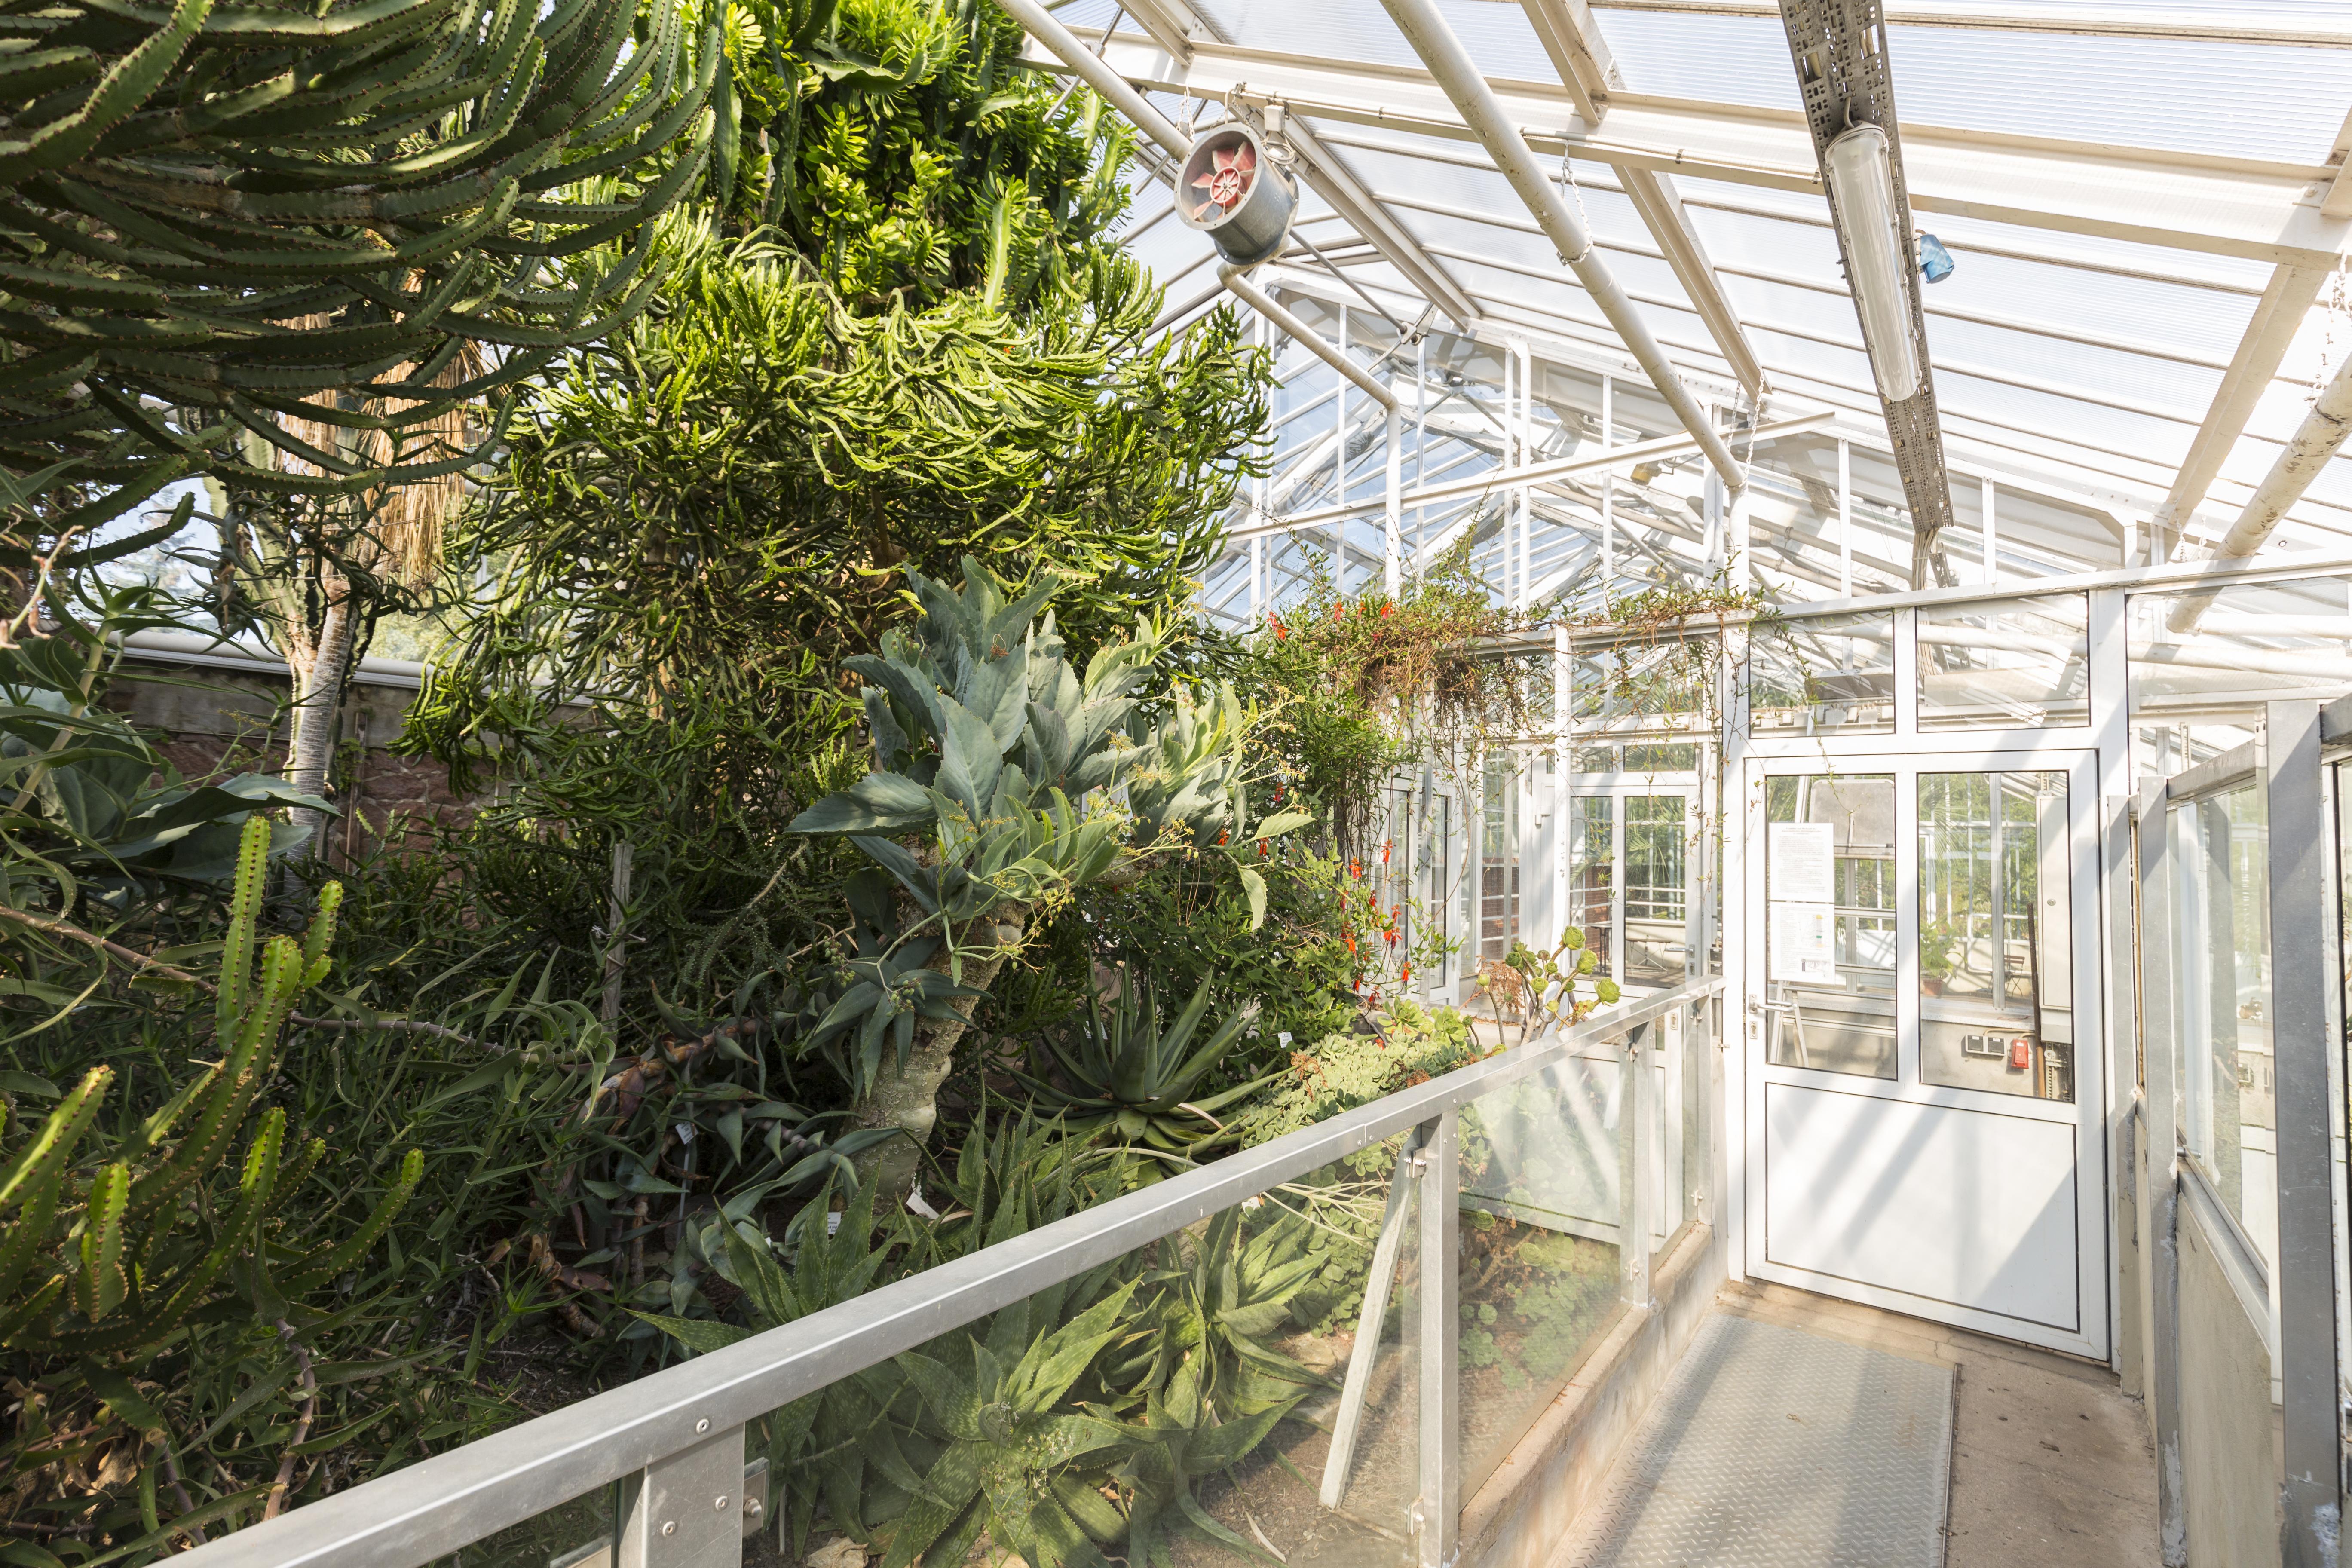 File:Botanischer Garten in Halle Saale - im Sukulentenhaus ...